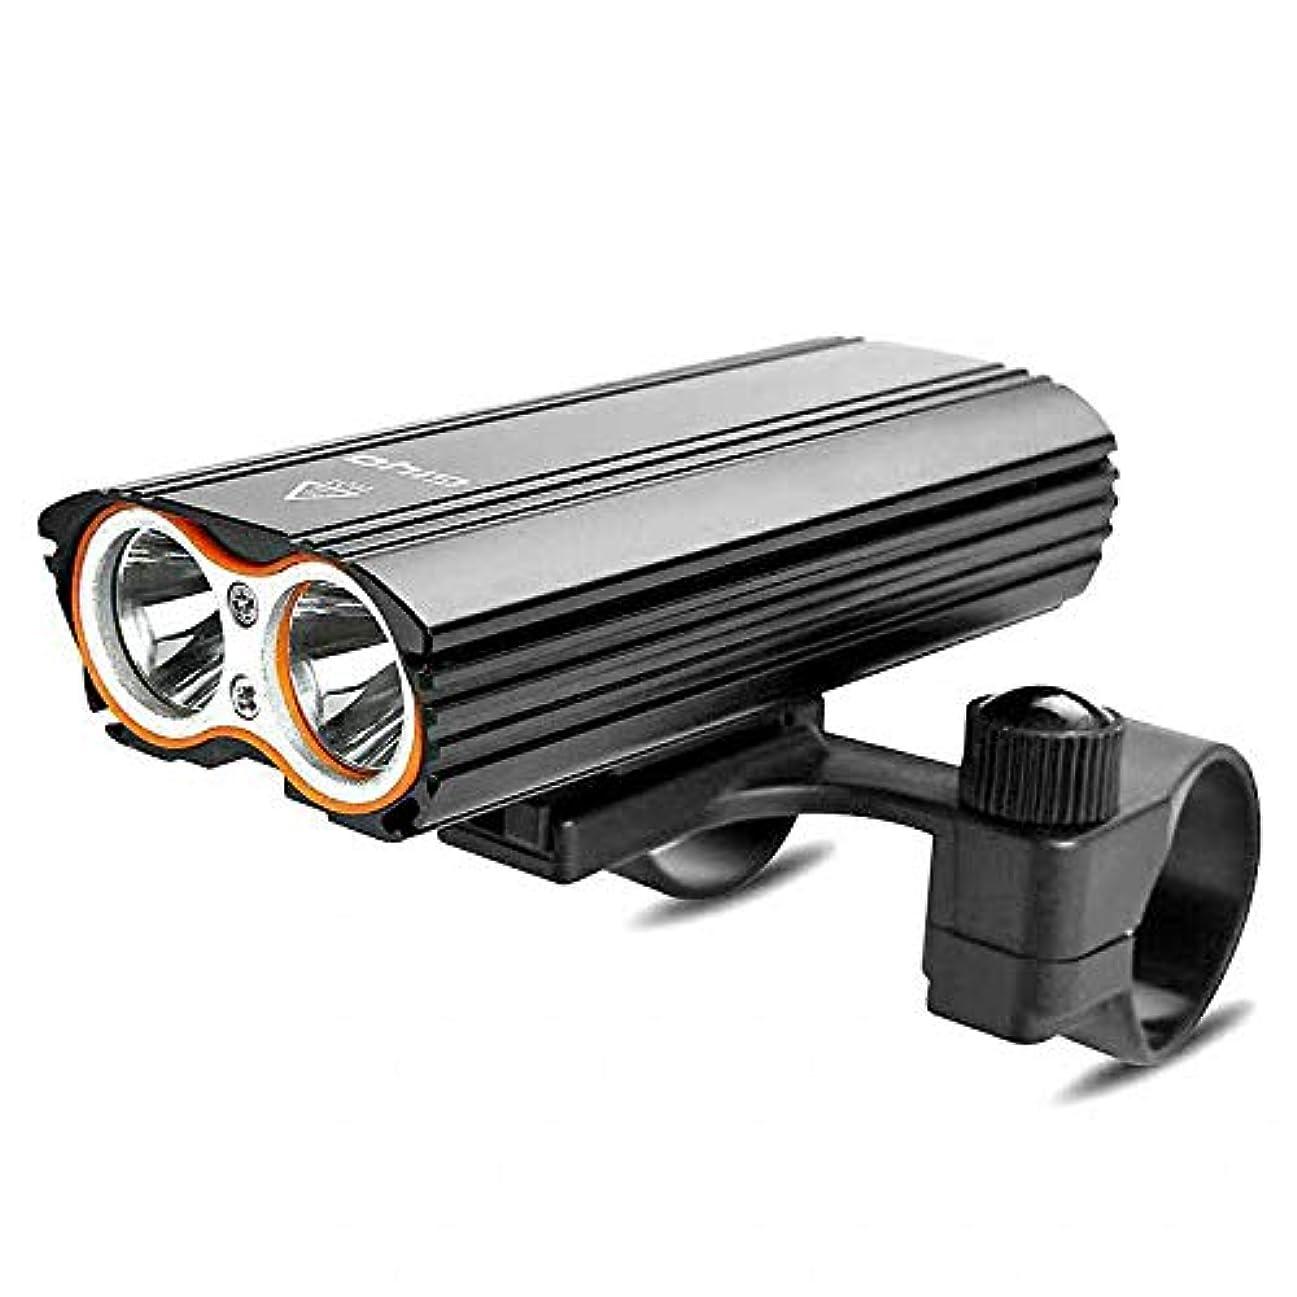 災難強制的無意味自転車ライト USB充電式 2つ18650電池付き 4モード点灯 高輝度 IP-65防水 防振 アルミ合金製 懐中電灯兼用